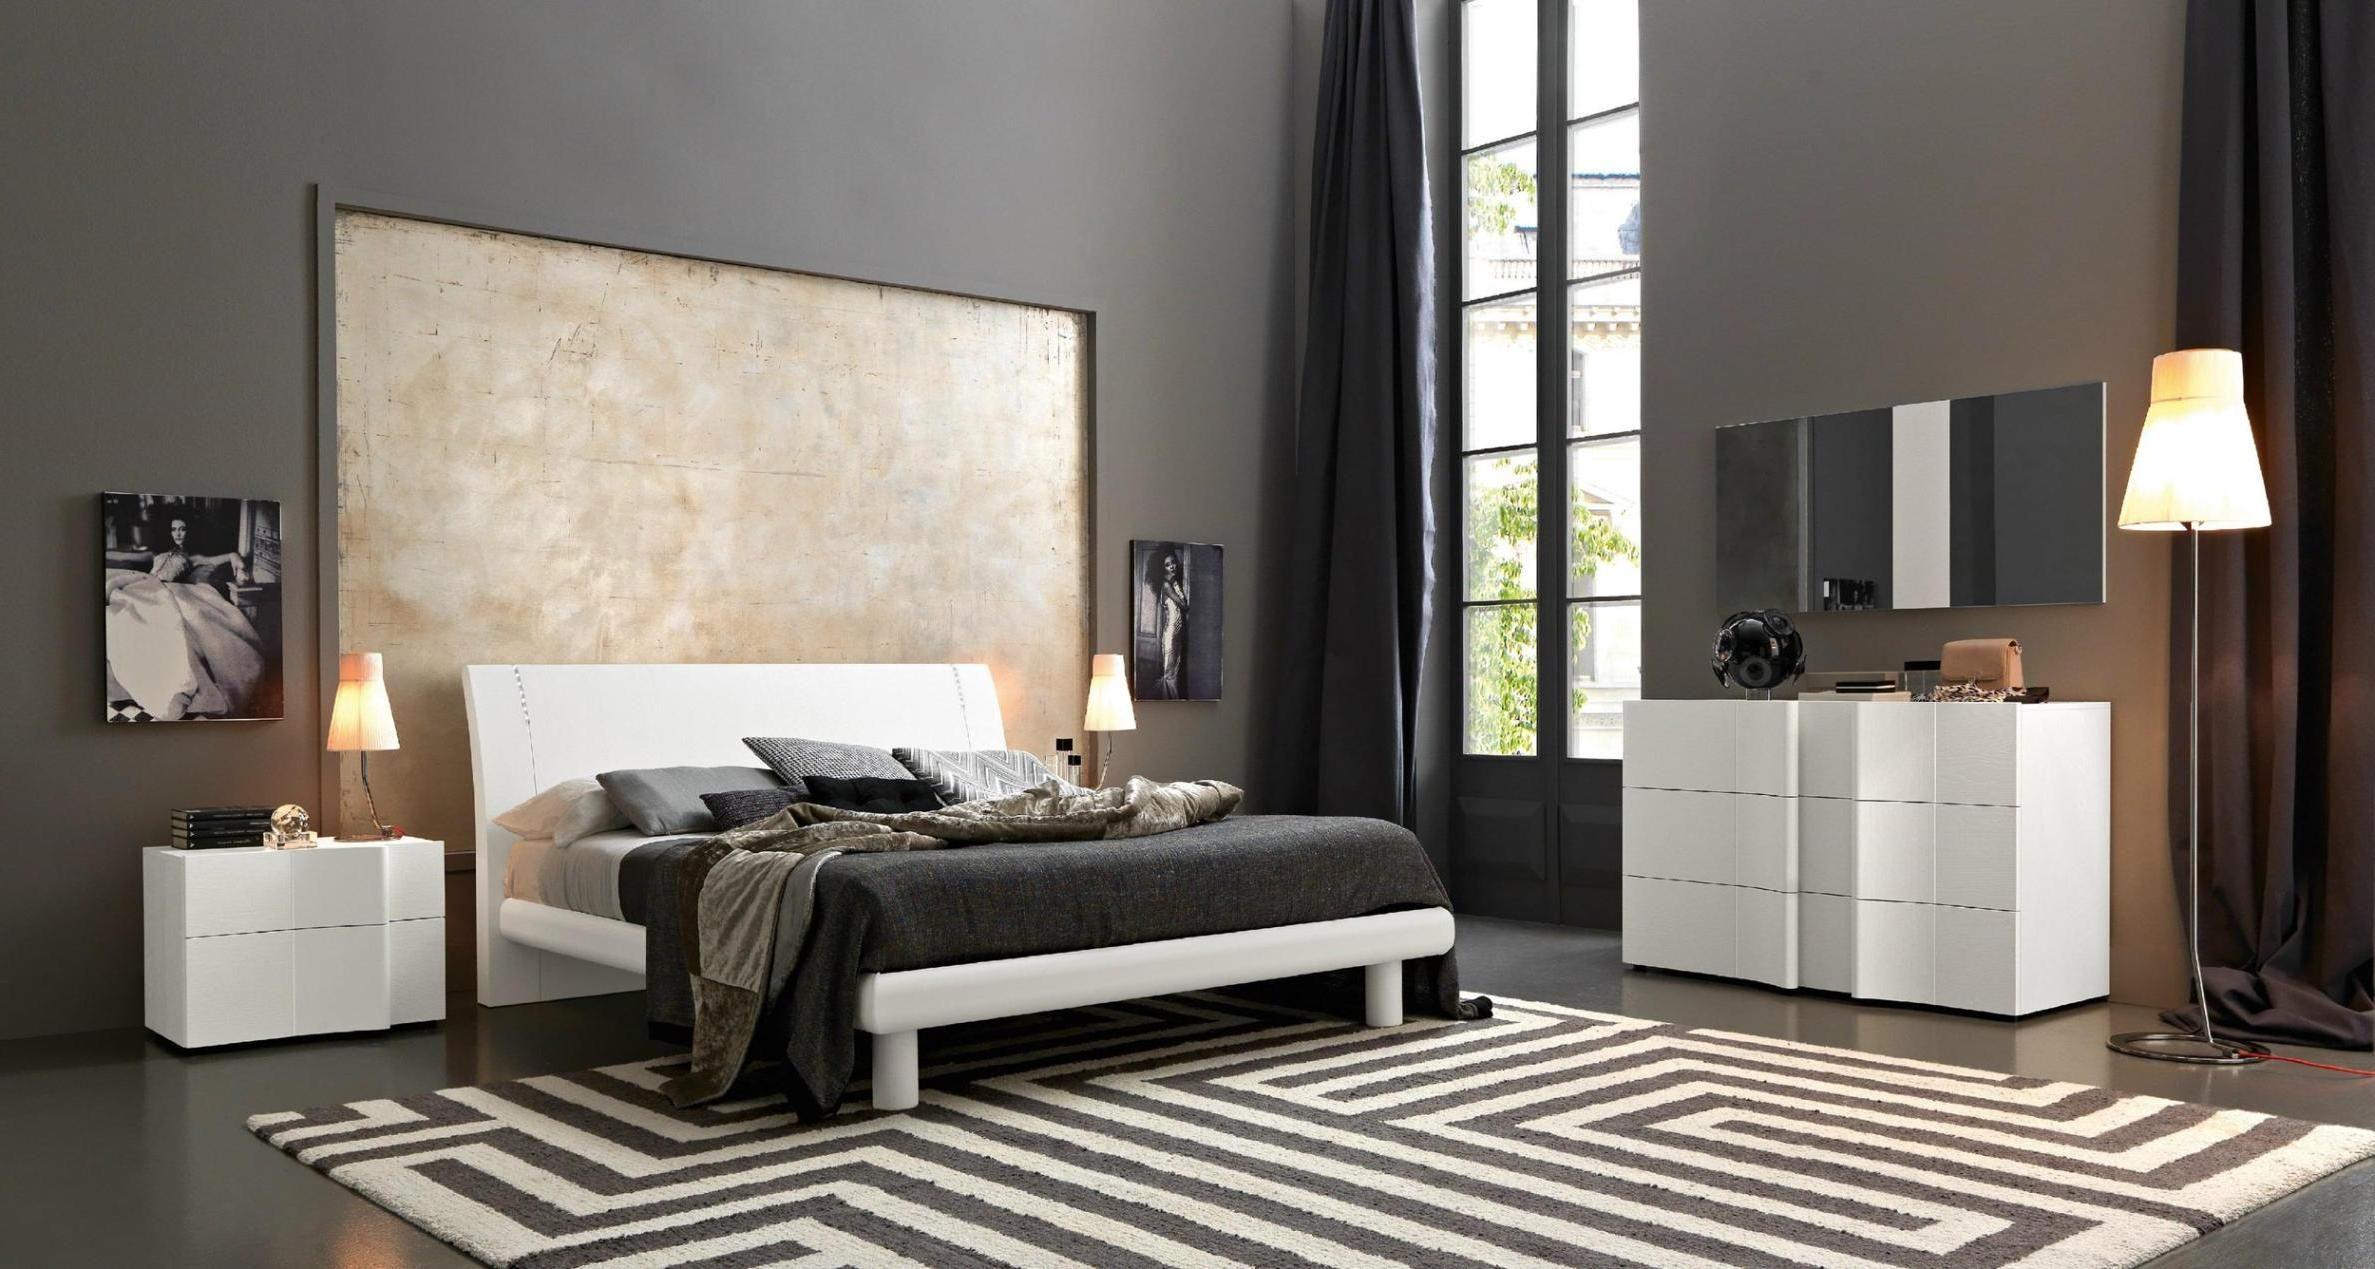 Weiße Schlafzimmer Möbel Schlafzimmer einrichten